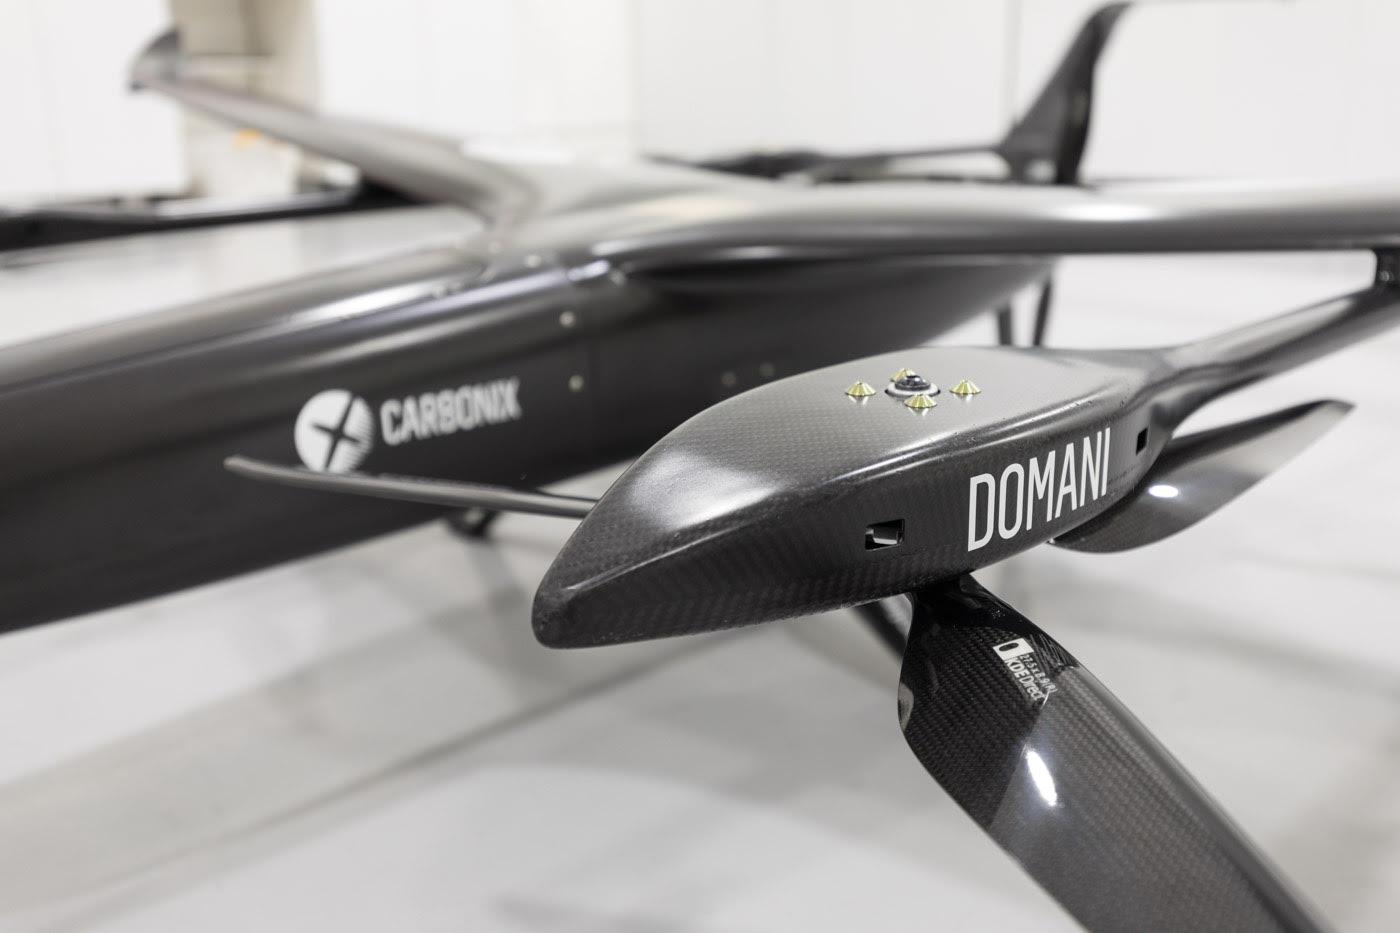 Domani drone